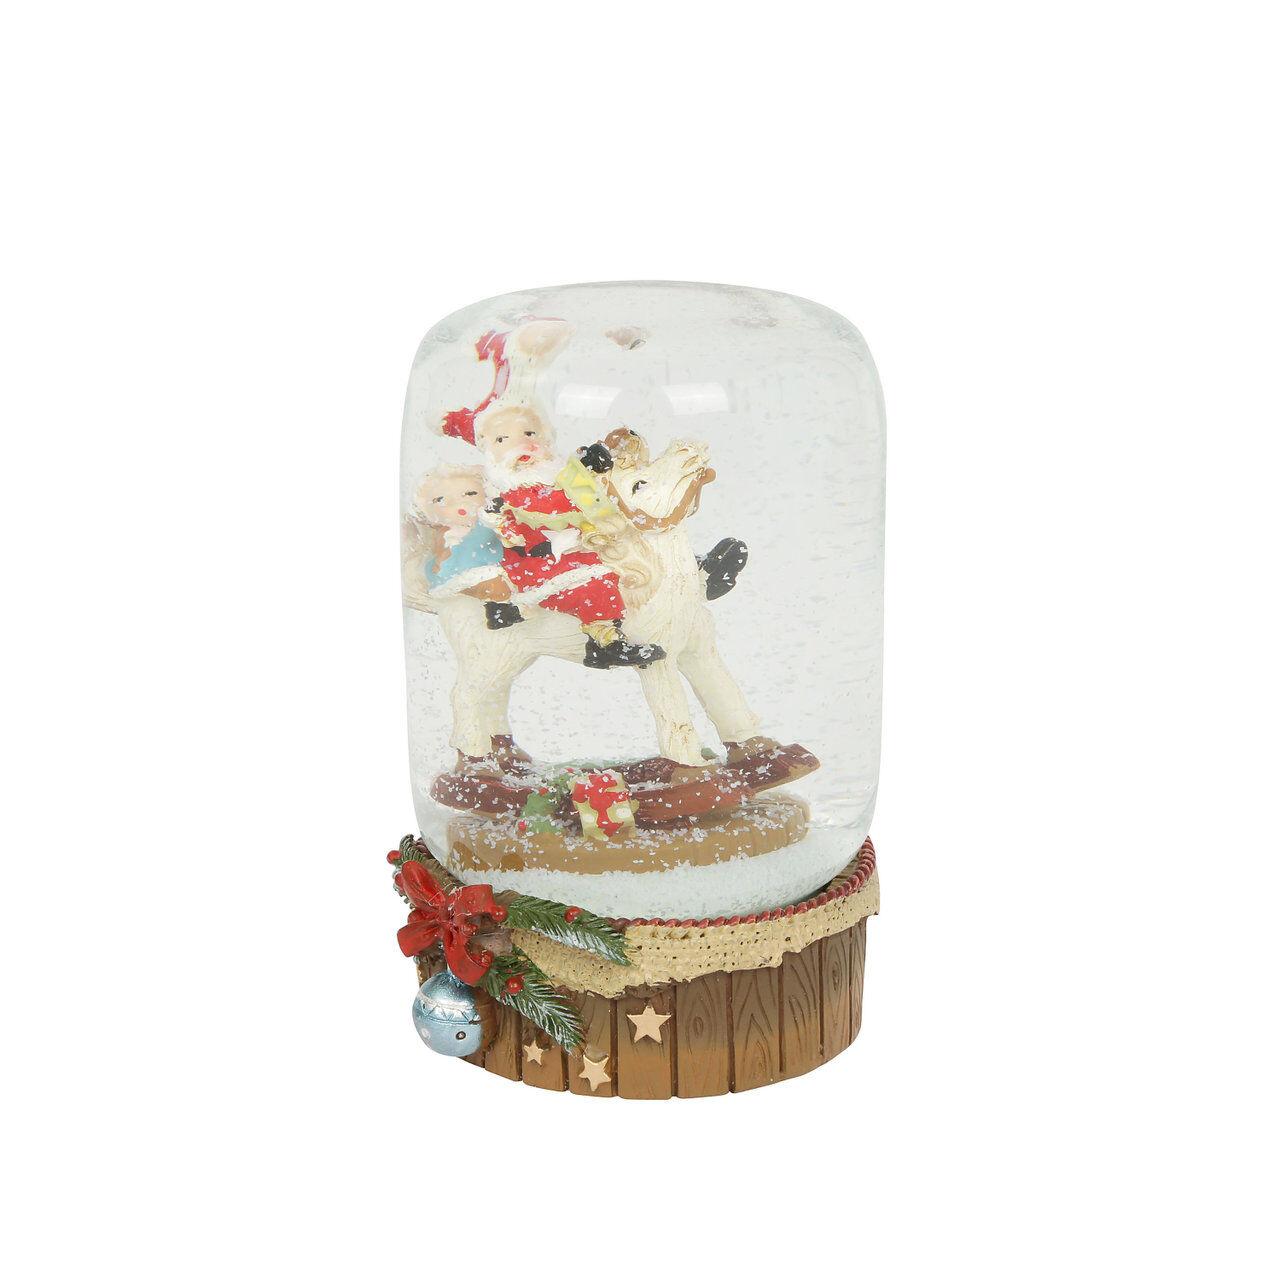 La tavola di Natale Sferacqua Cavallo con Babbo Natale e bimba